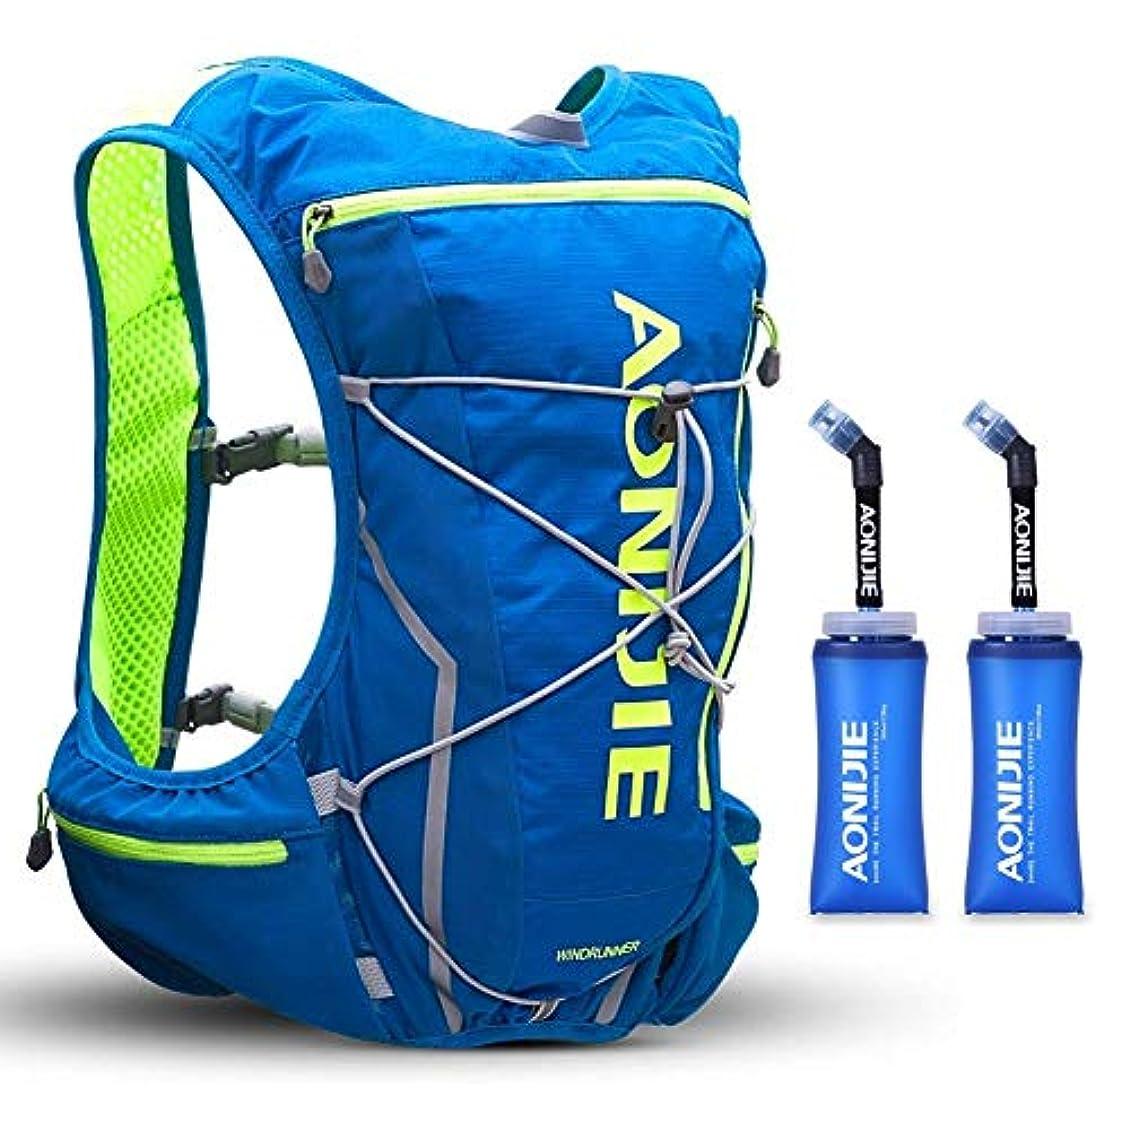 信頼できる支配的ユーザーAONIJIE 登山リュック ザック ハイドレーションバッグ ランニングバッグパック サイクリングバッグ 超軽量 通気 自転車/トレイルランニング/マラソン/ジョギング/ハイキング 10L